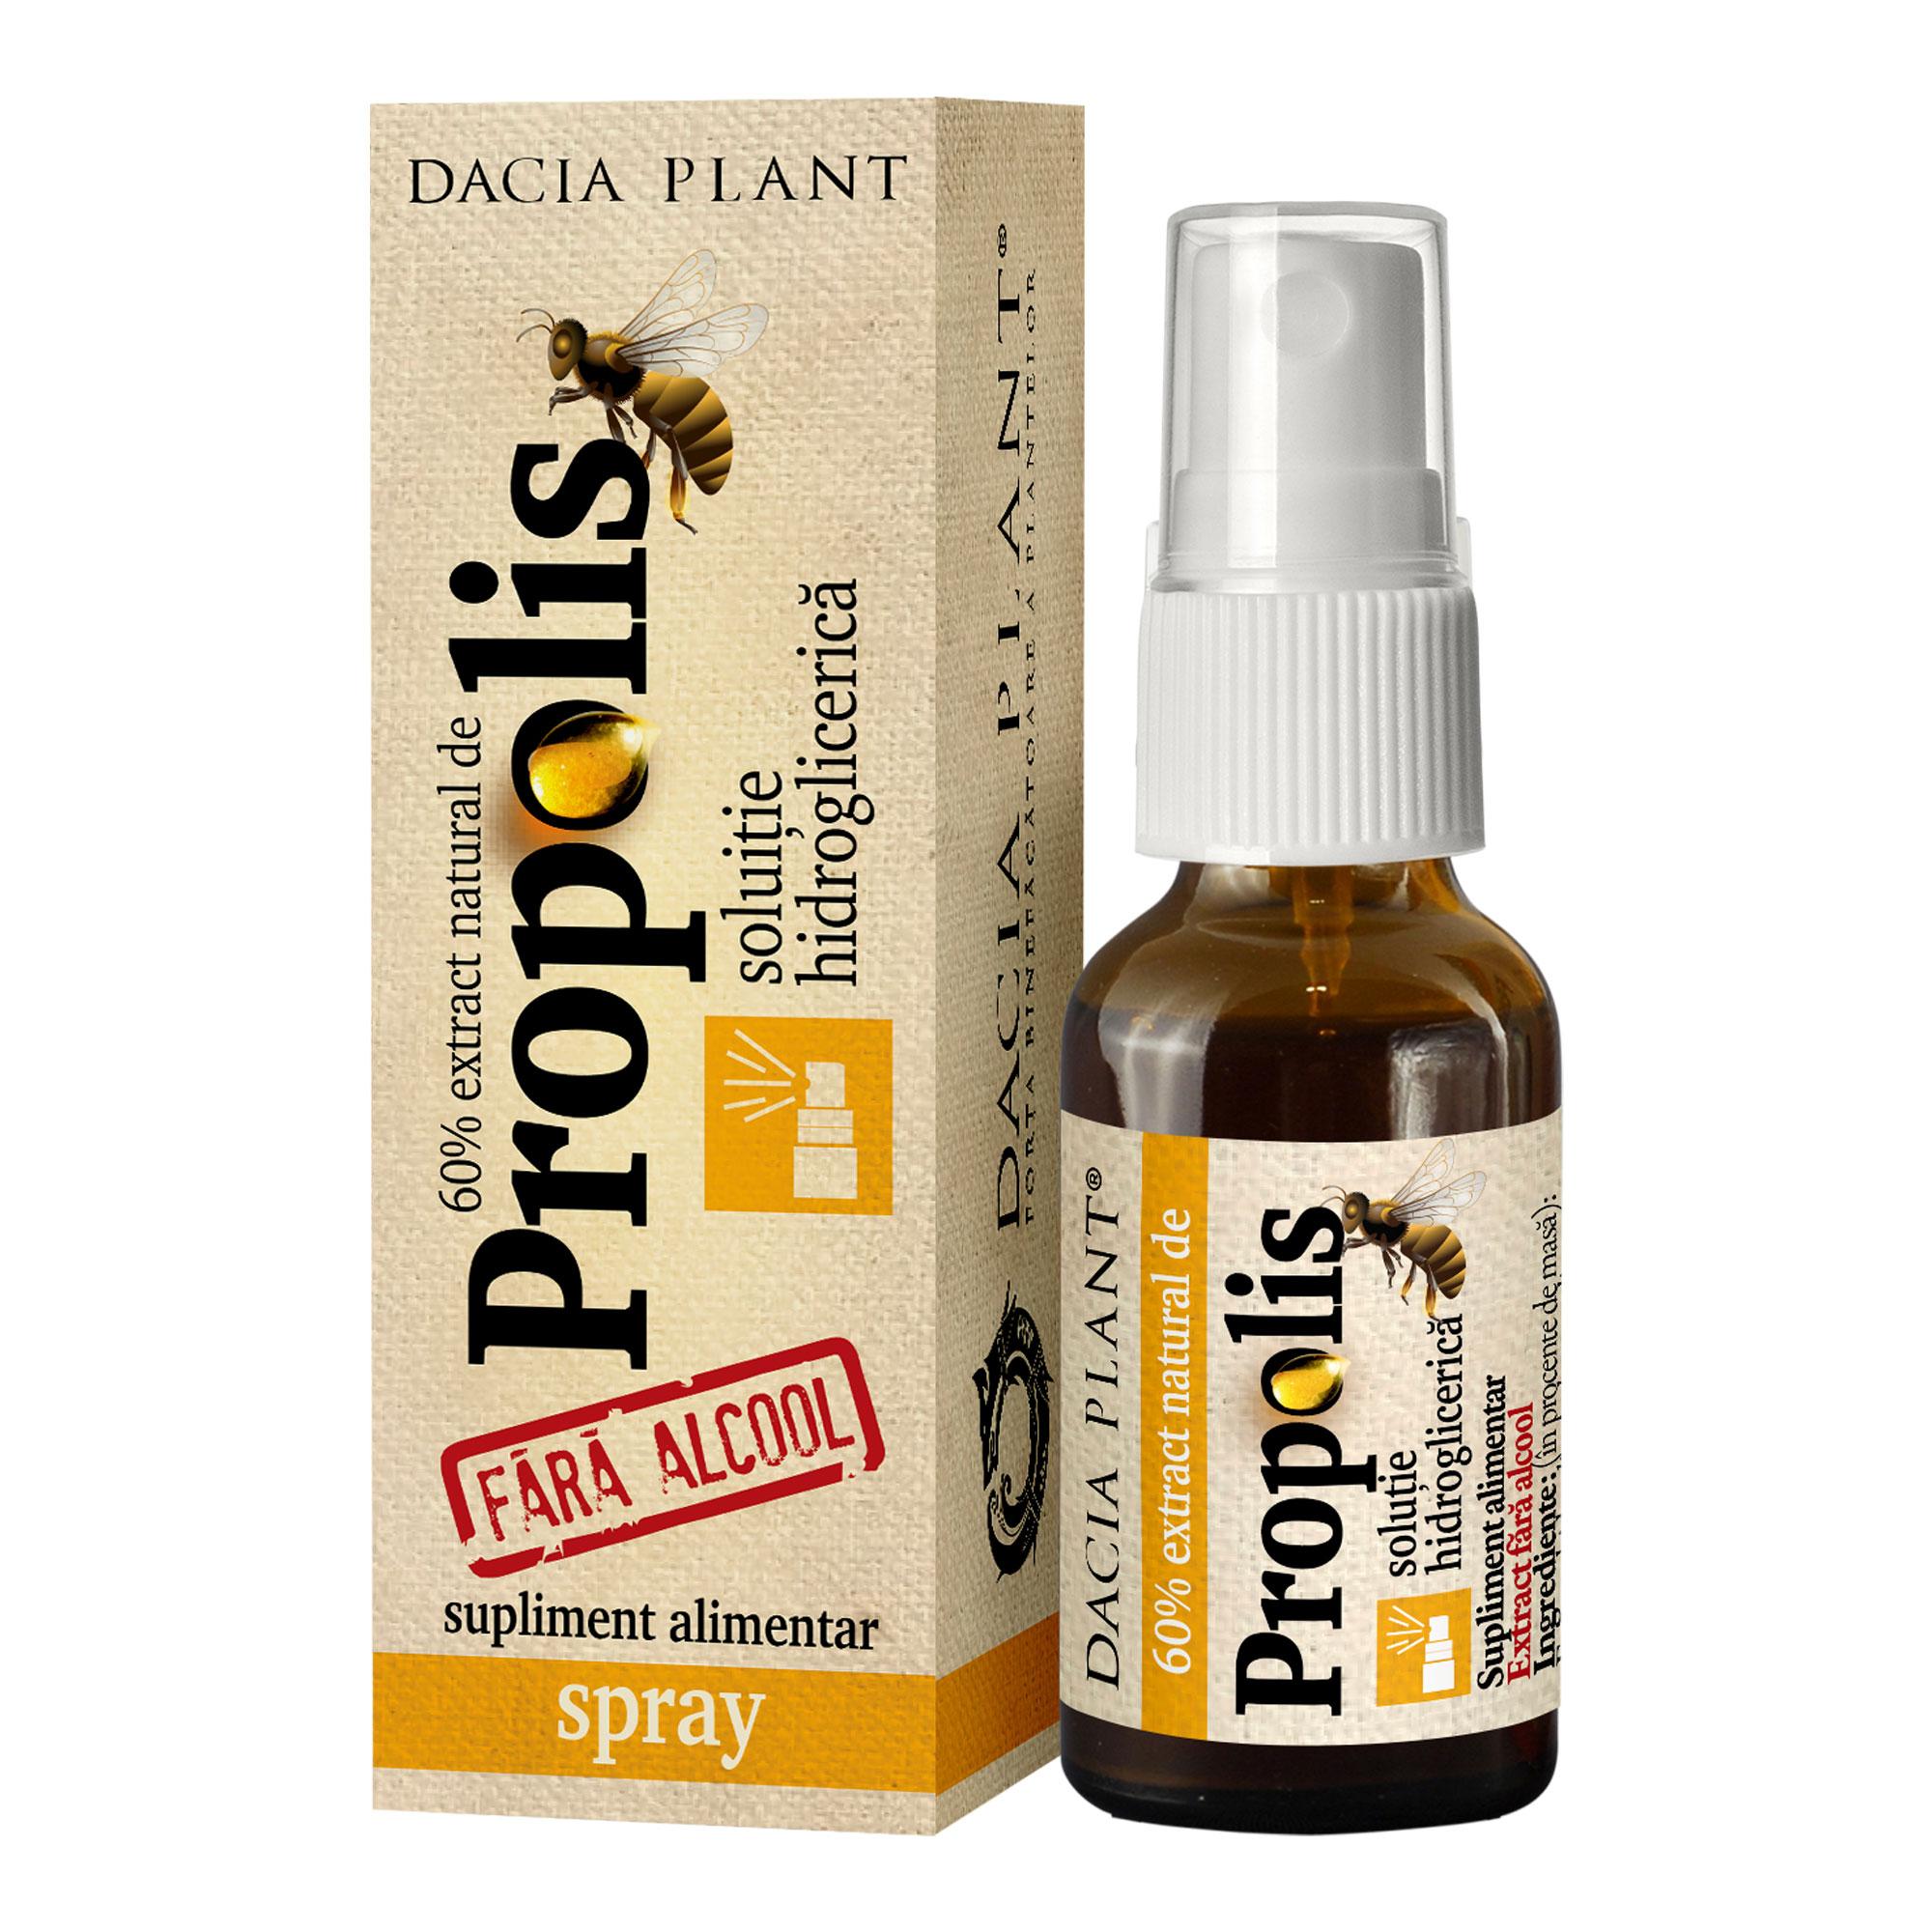 Spray cu extract natural de propolis fără alcool, 20 ml, Dacia Plant